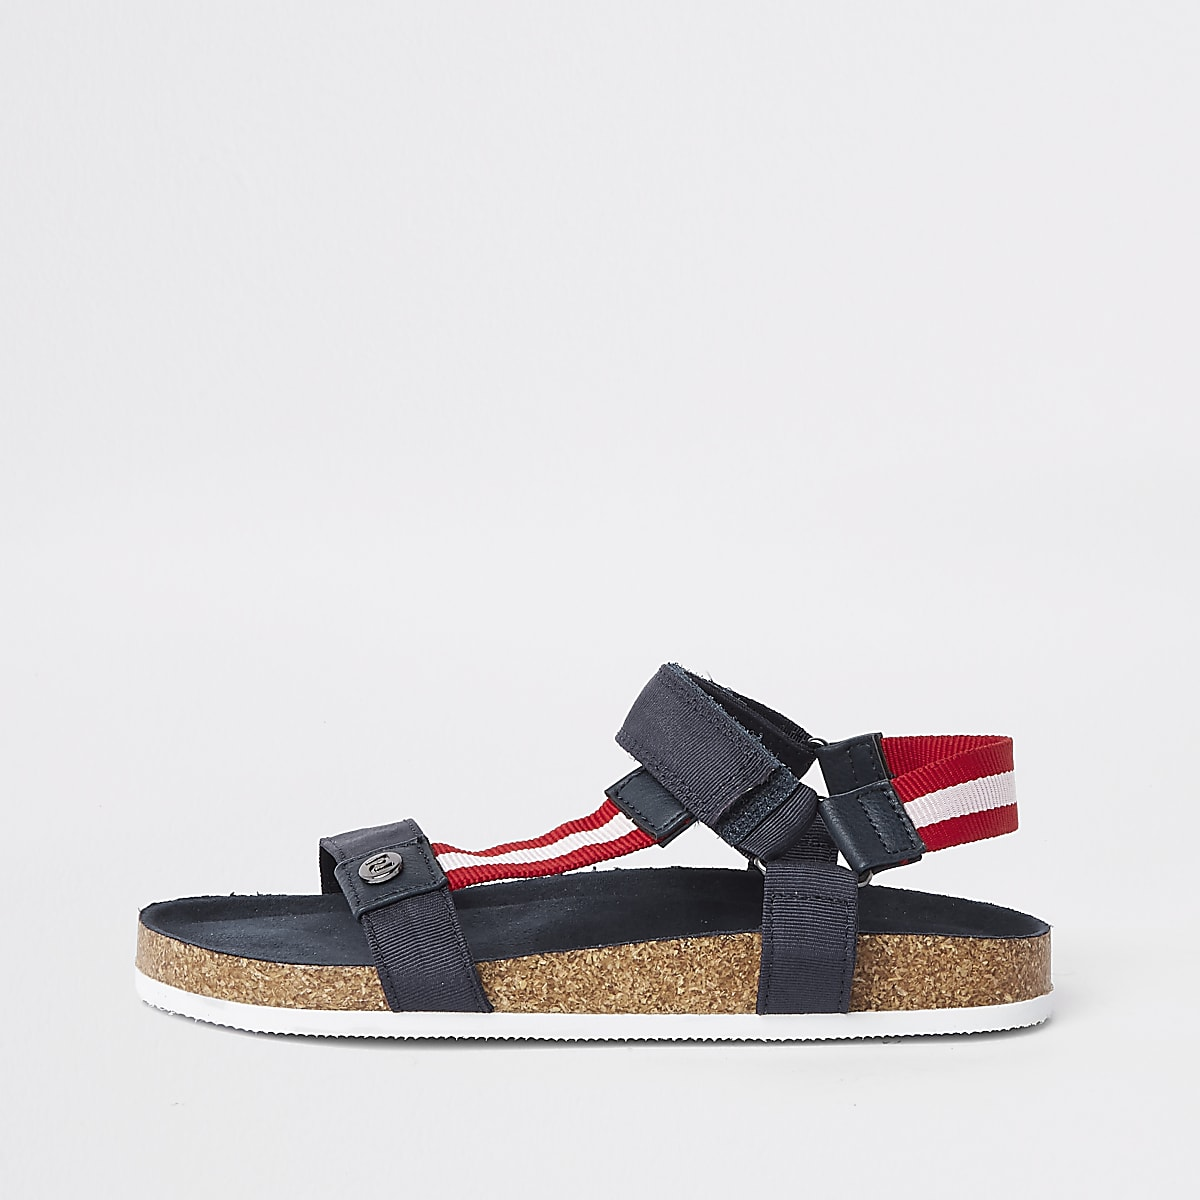 Marineblauwe gestreepte sandalen met kurk voor jongens